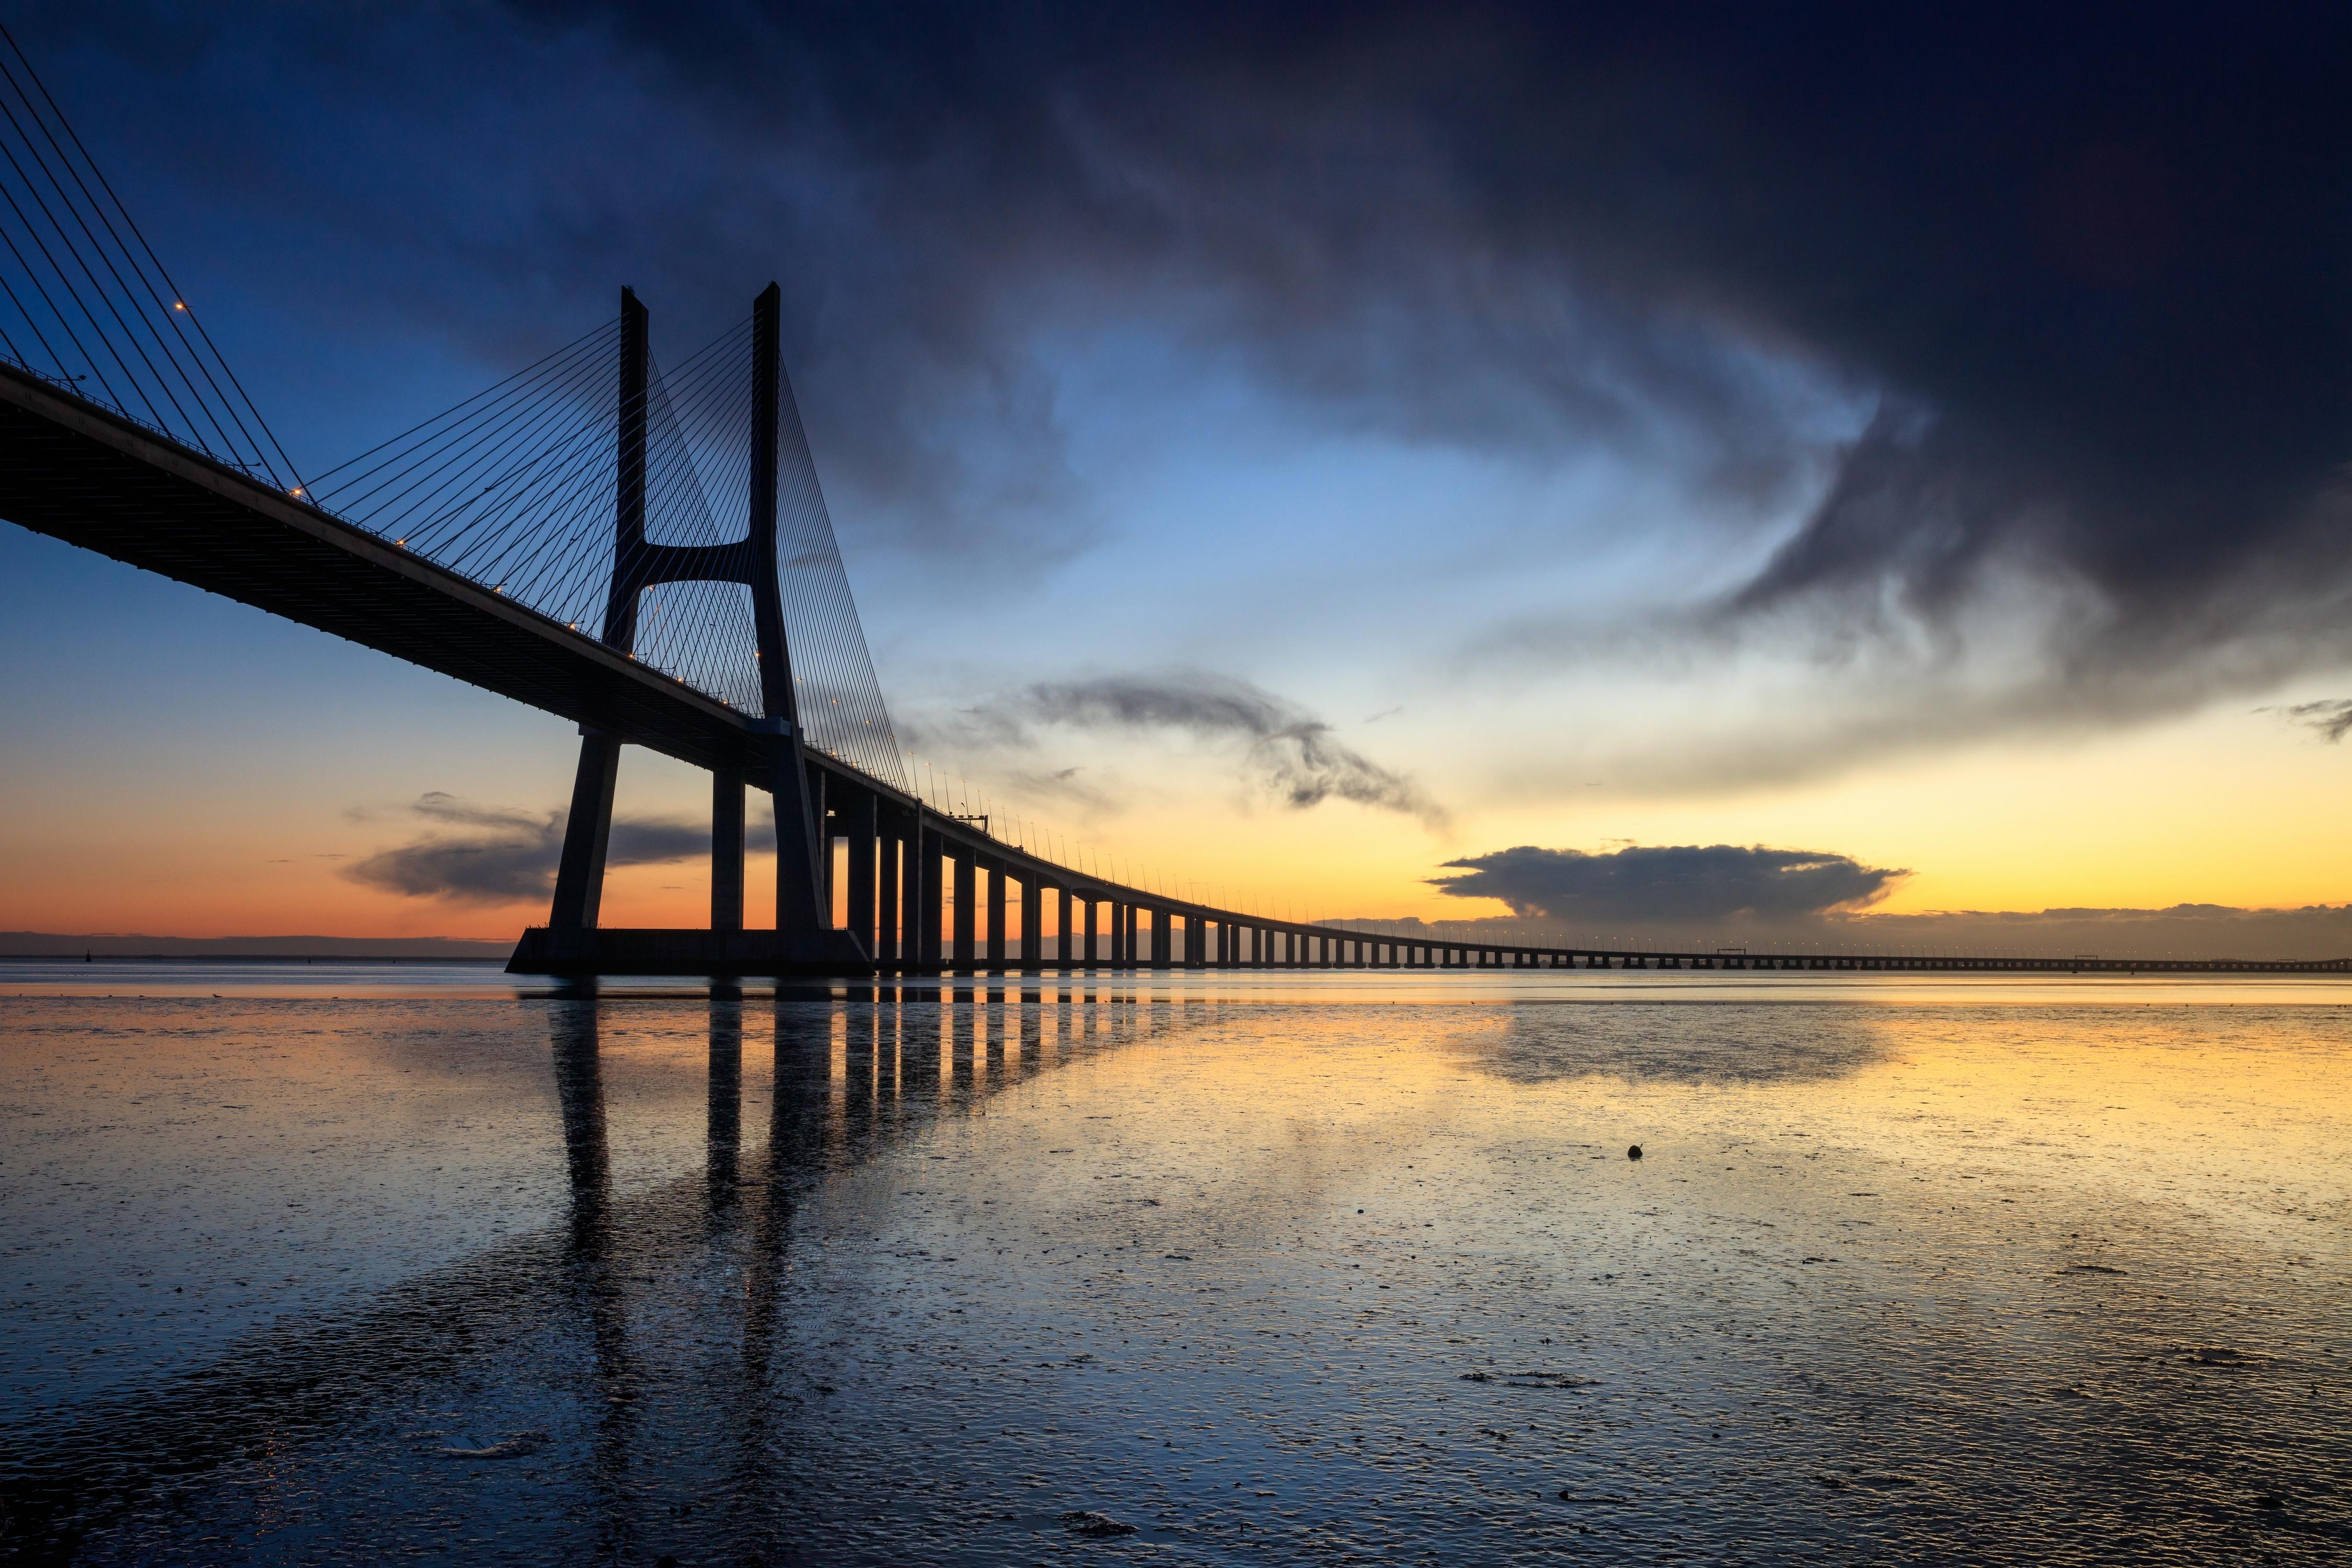 、夕、橋、ポルトガル、リスボン、Vasco da Gama bridge、、都市、